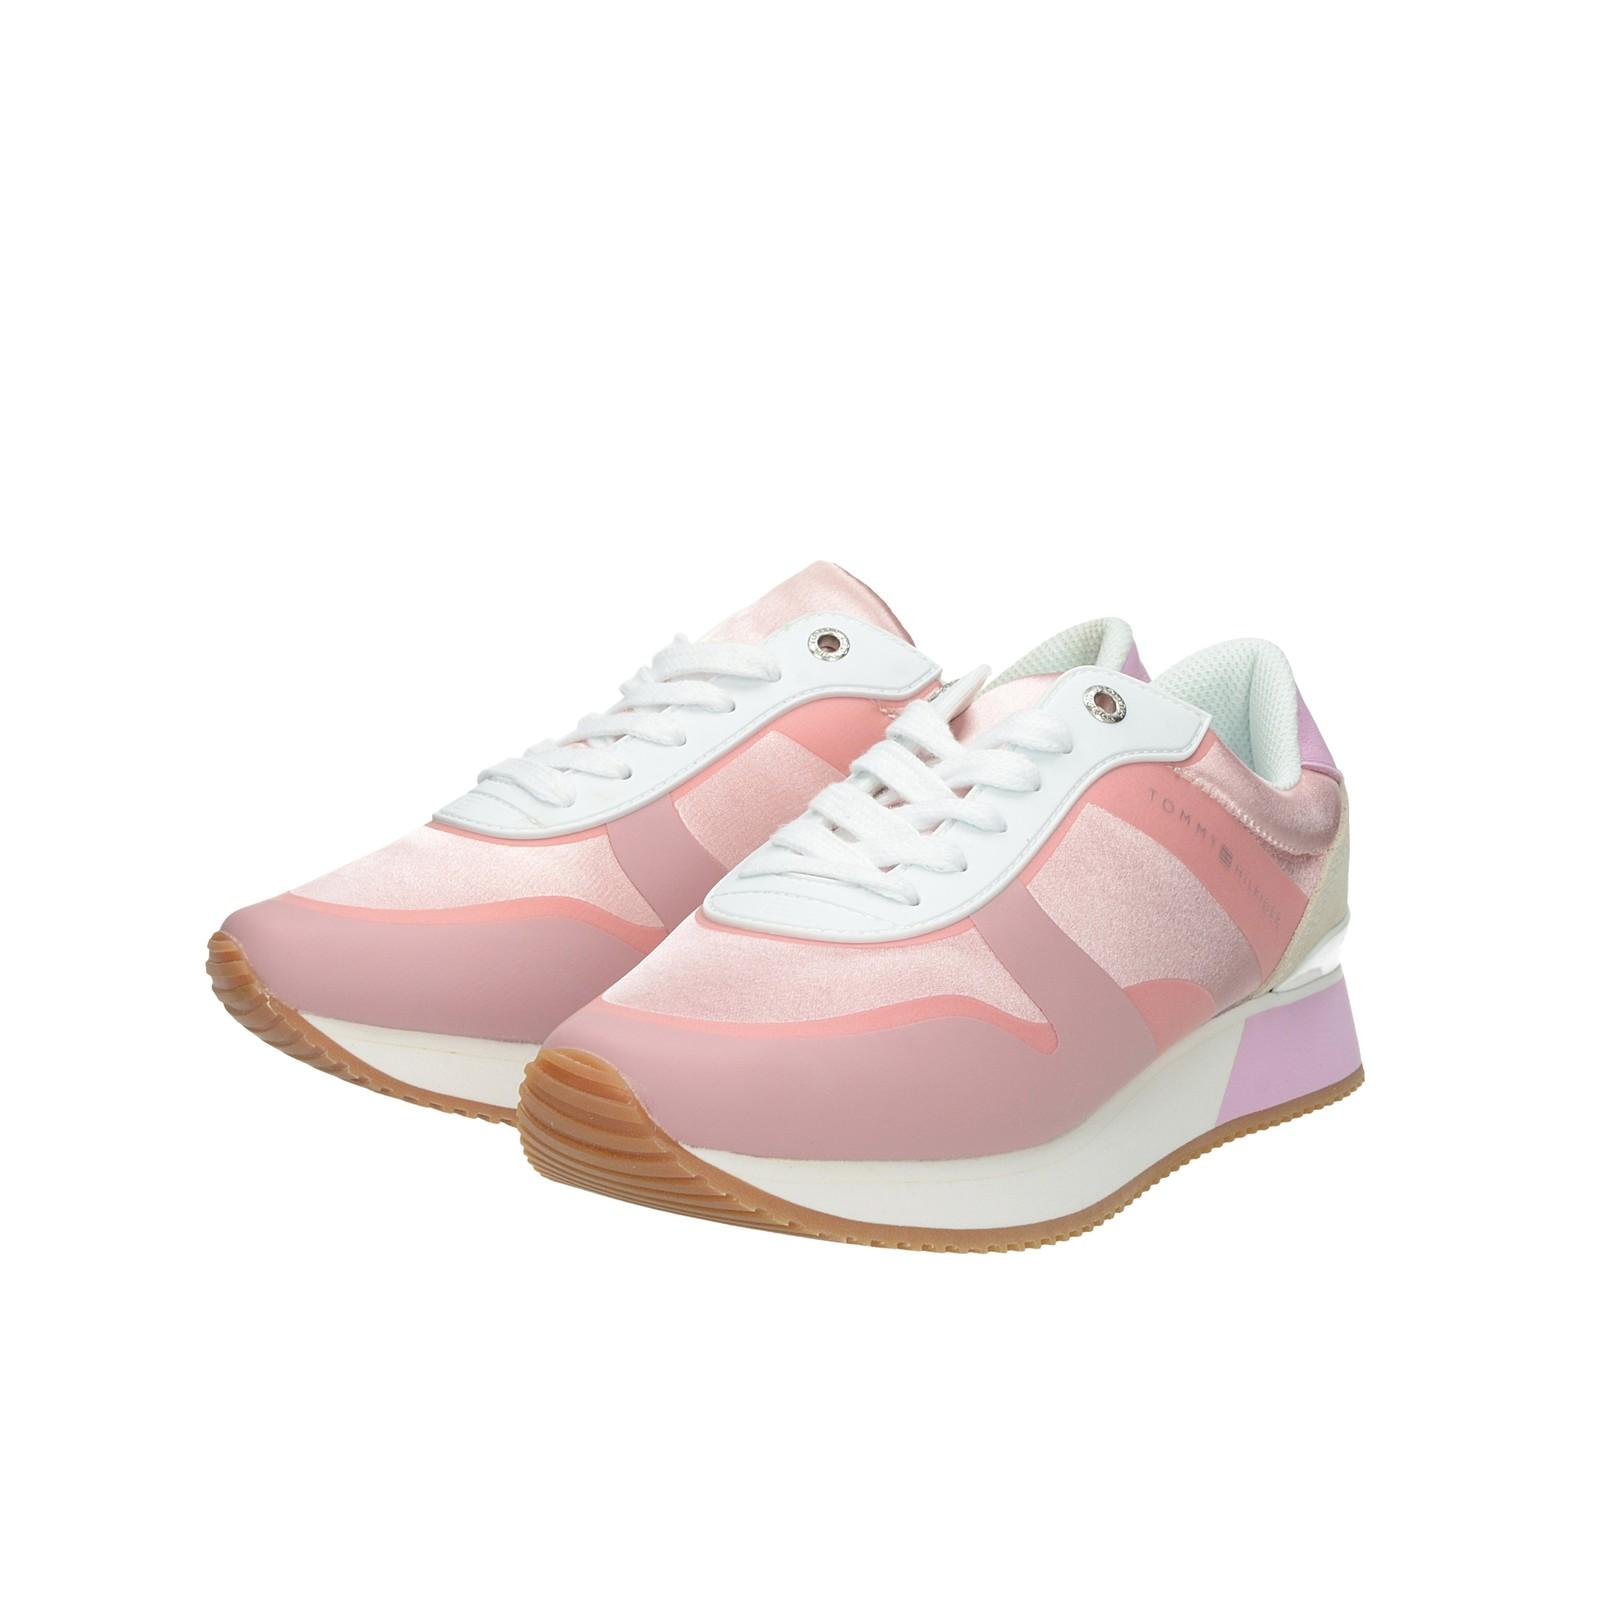 f8a05d8e18273 Tommy Hilfiger dámske štýlové tenisky - ružové | FW0FW04099518-PINK ...